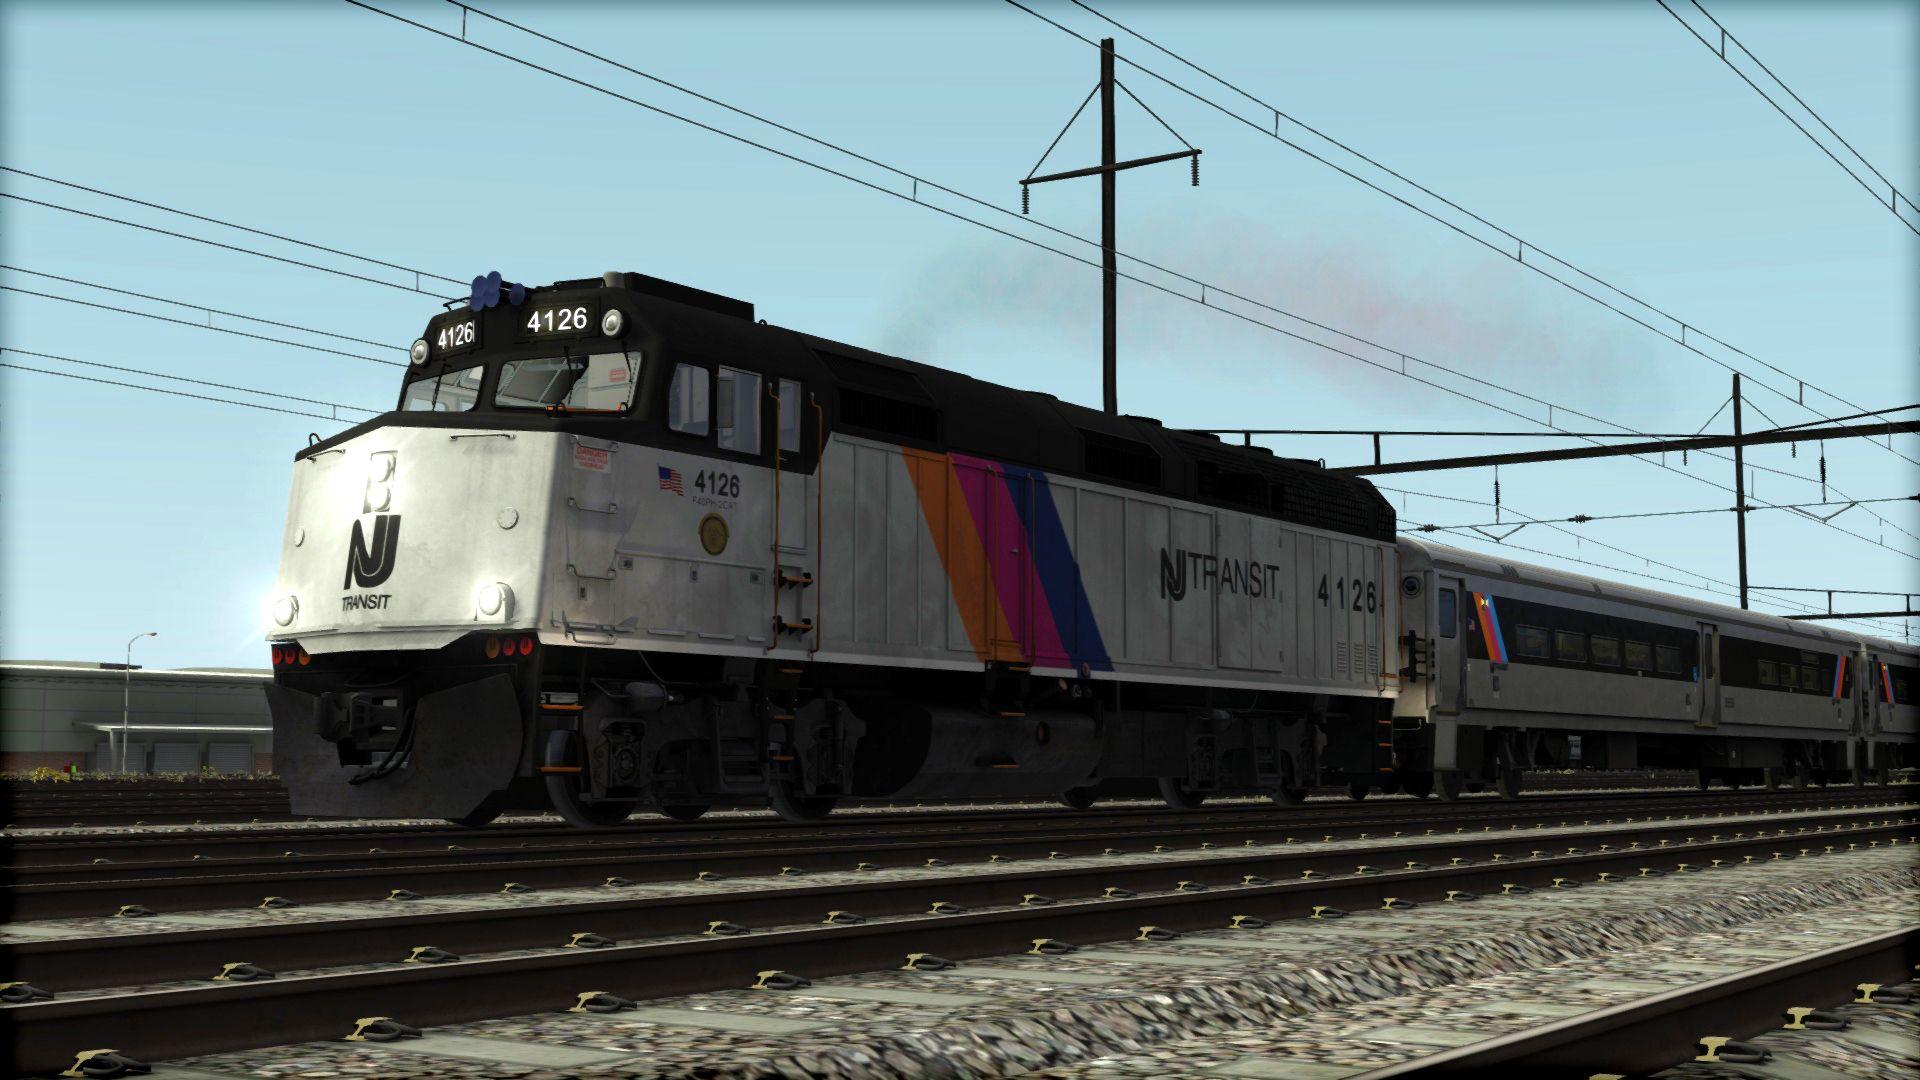 NJF401